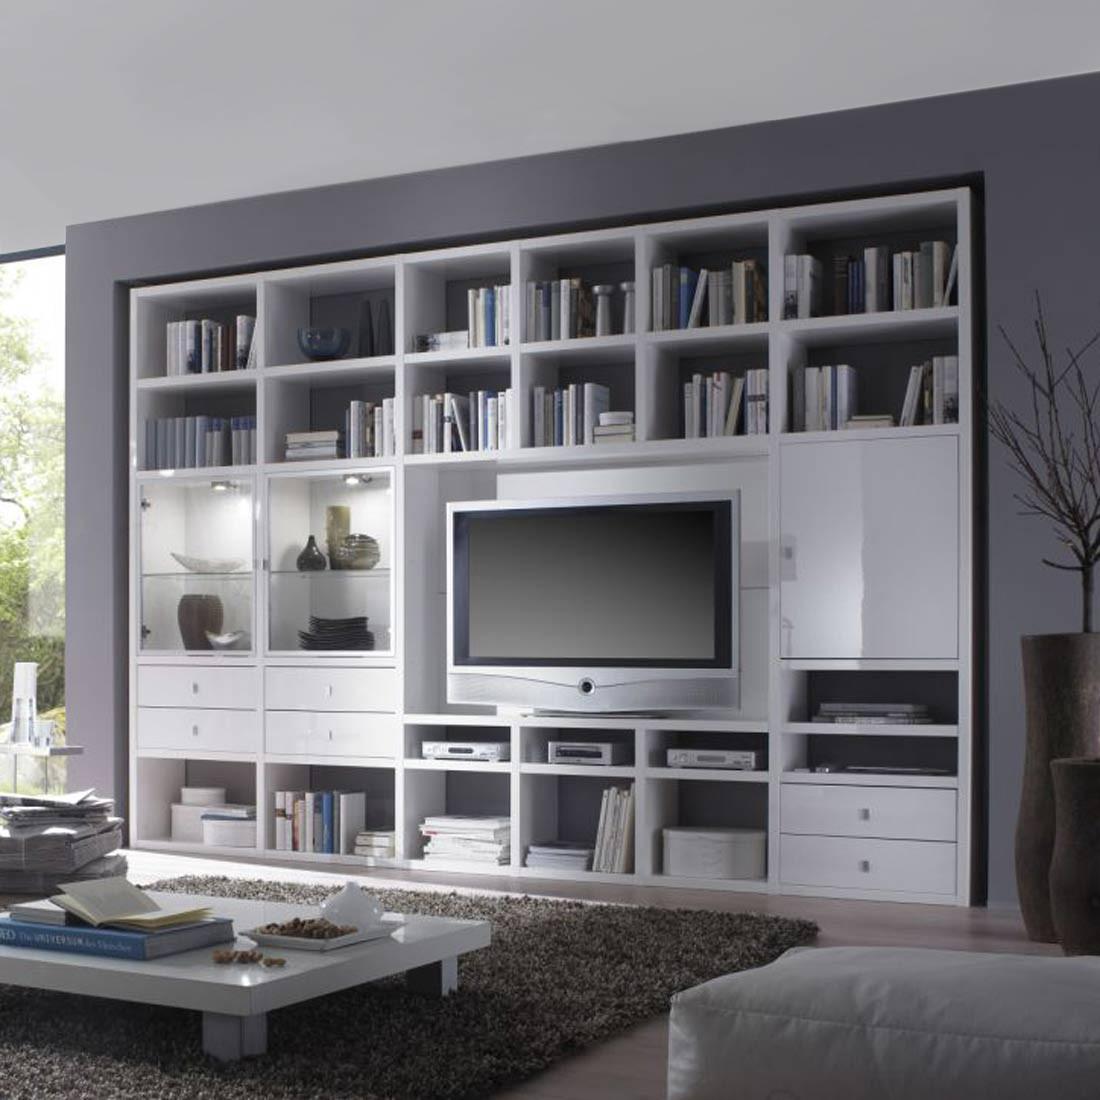 EEK B, TV-Wand Empire - Hochglanz Weiß - Mit Beleuchtung, loftscape